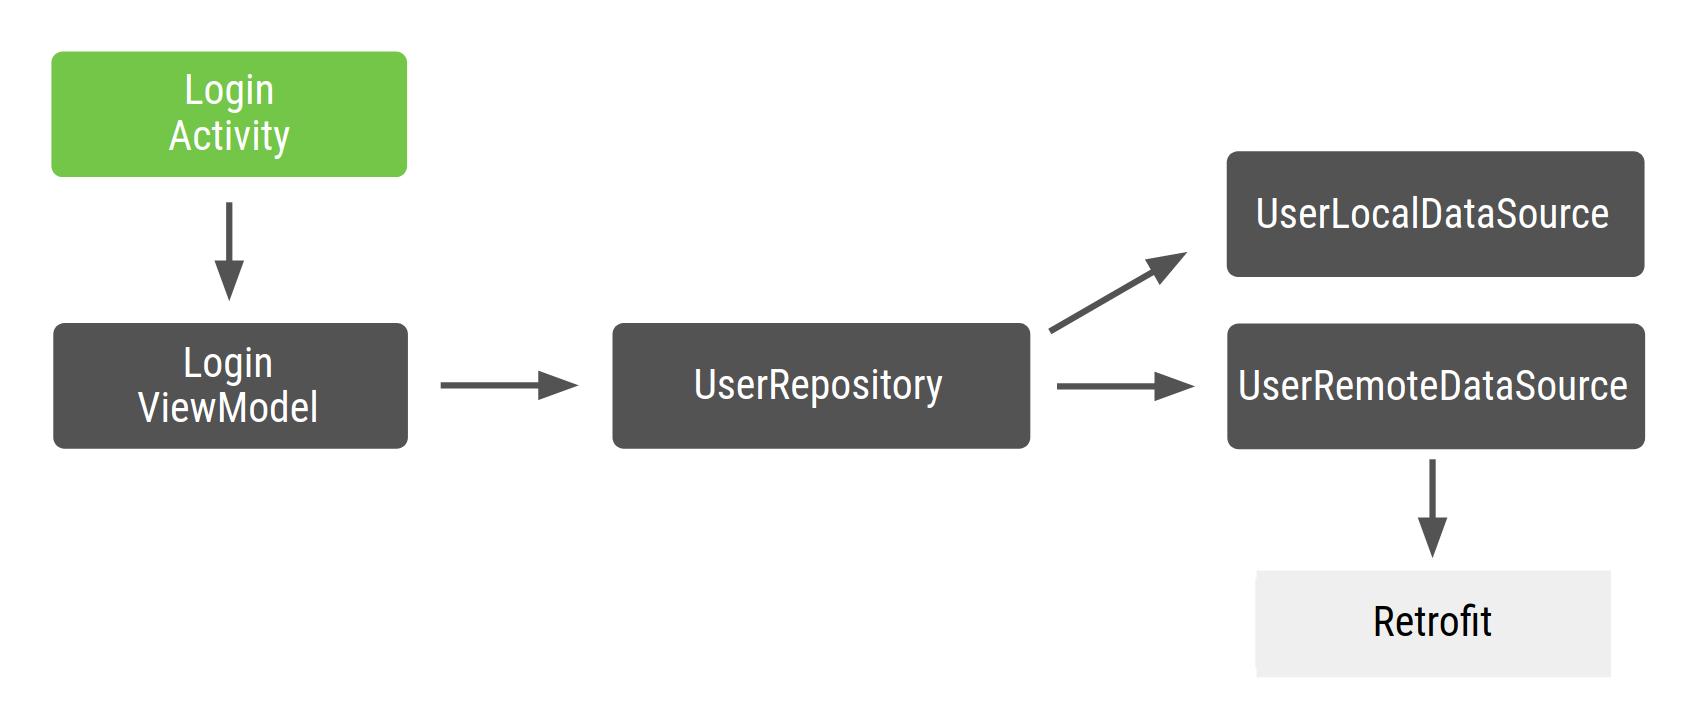 LoginActivity depende de LoginViewModel, que, a su vez, depende de UserRepository, y este depende de UserLocalDataSource y UserRemoteDataSource, los cuales dependen de Retrofit.